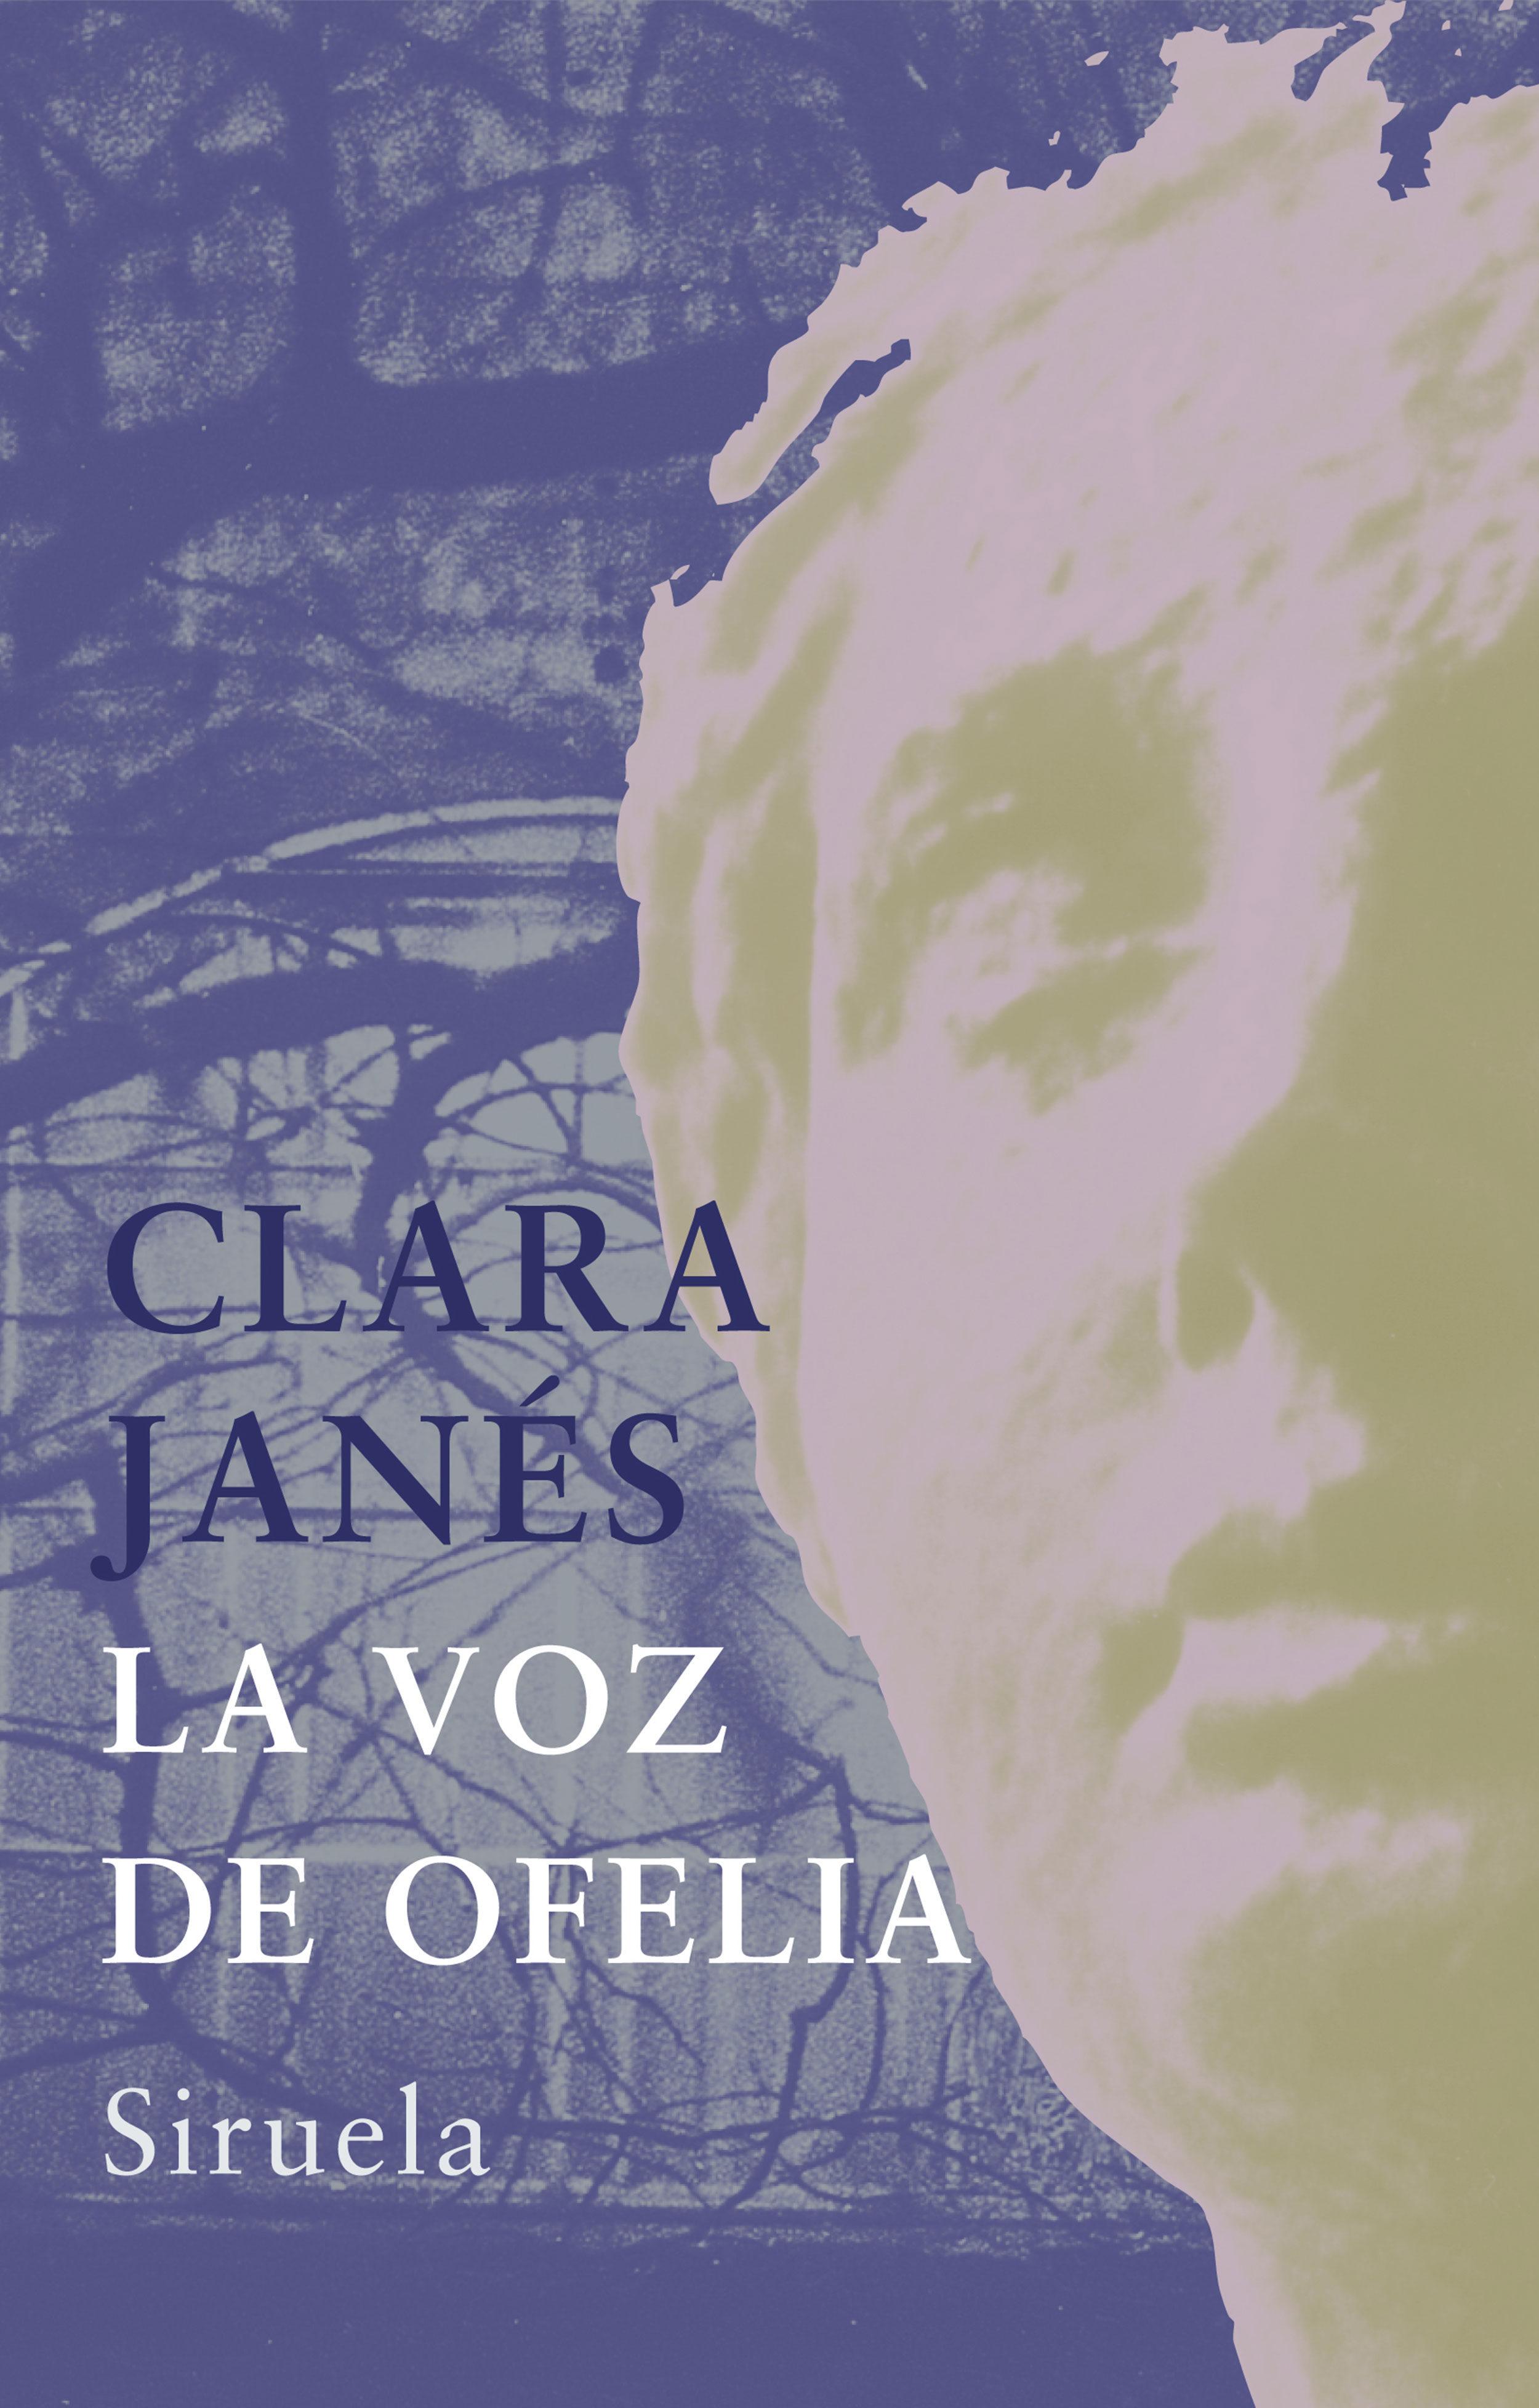 2) La voz de Ofelia (Christiane)